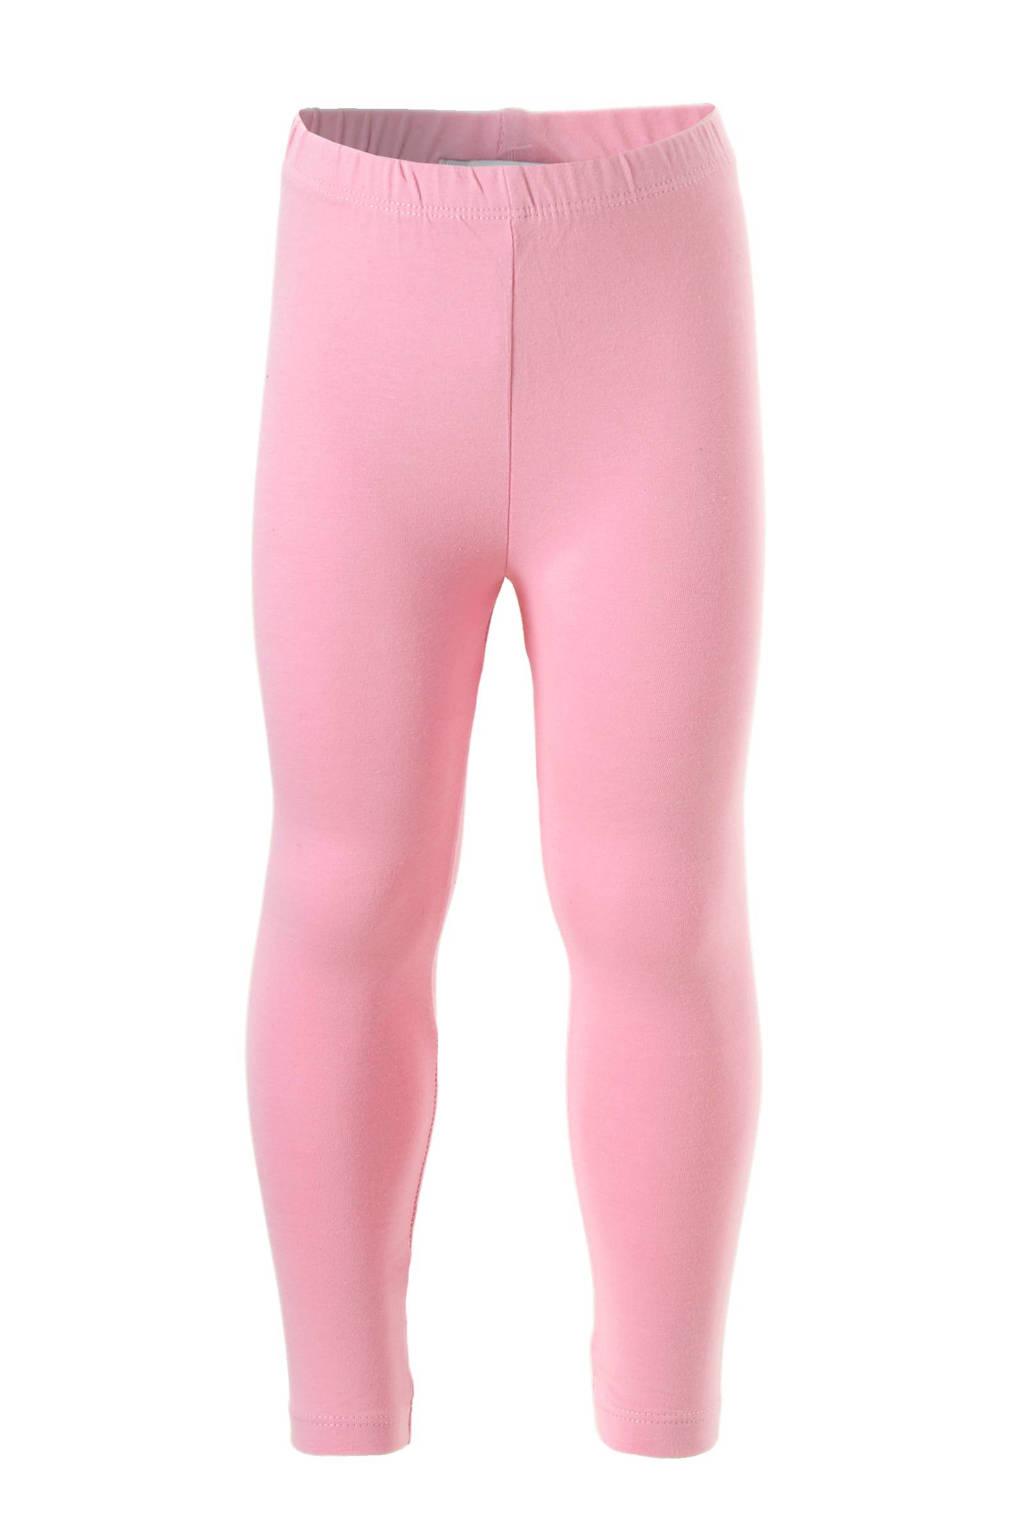 Noppies legging Nago, Roze